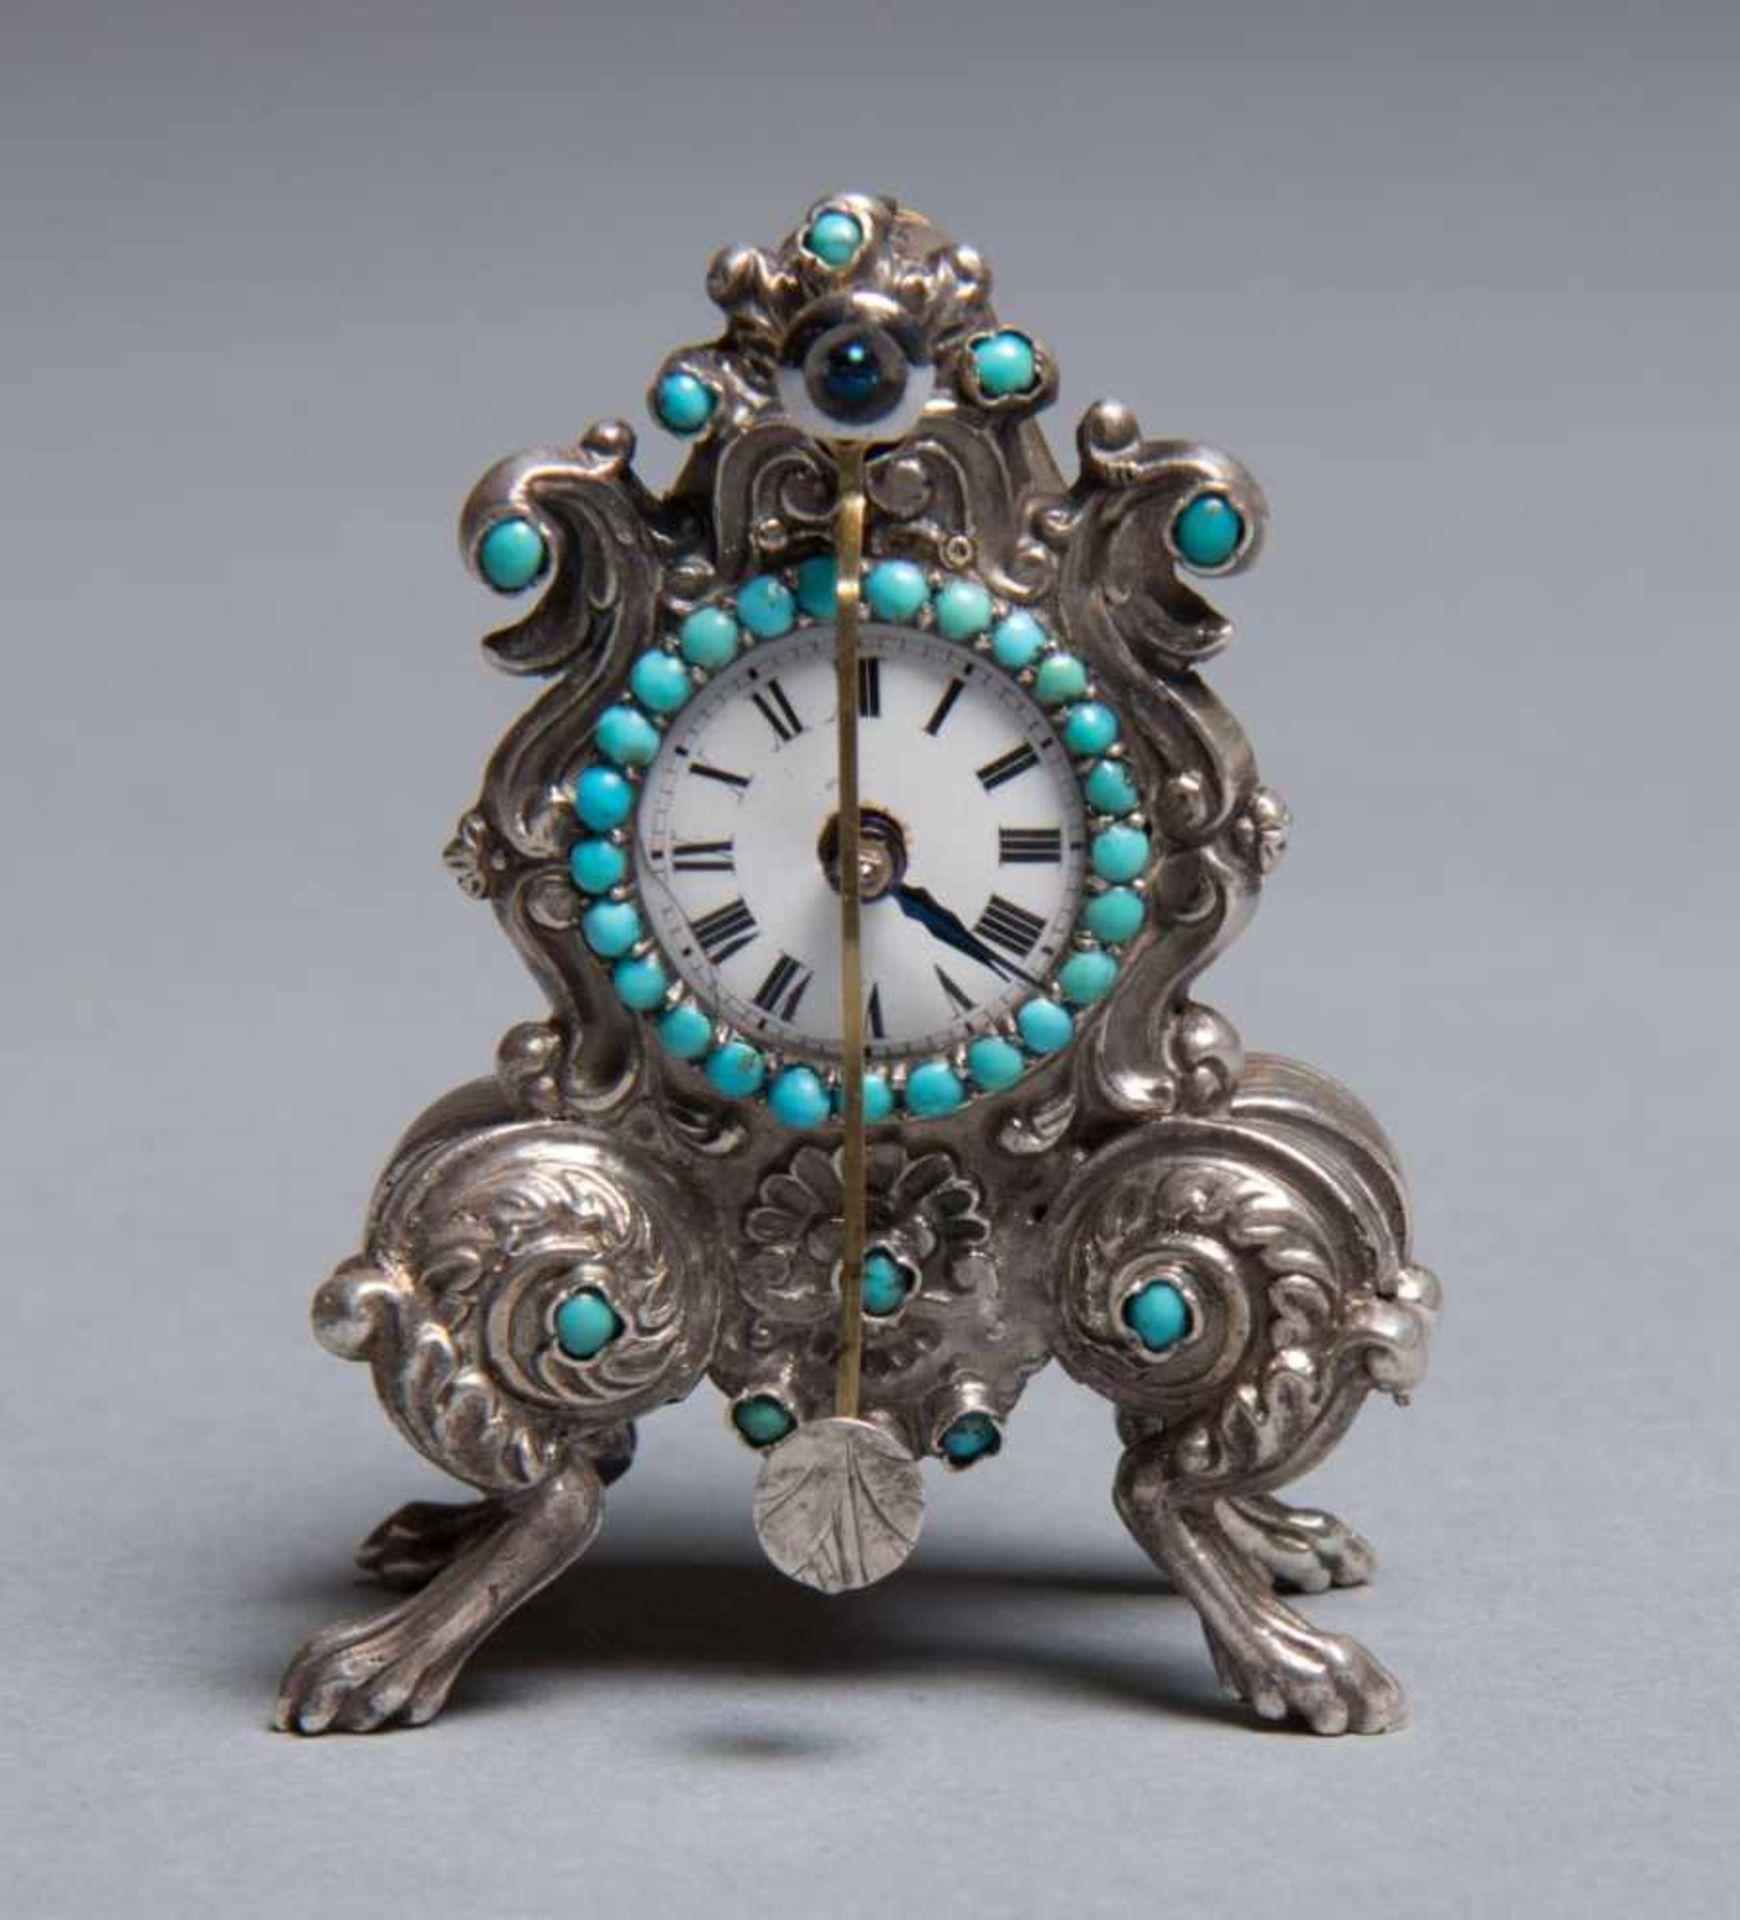 Los 66 - ZapplerFidget Clockaround 1870 H 5.5 x W 4 x D 2 cm hallmarked: 750 silver, Diana head, maker's mark